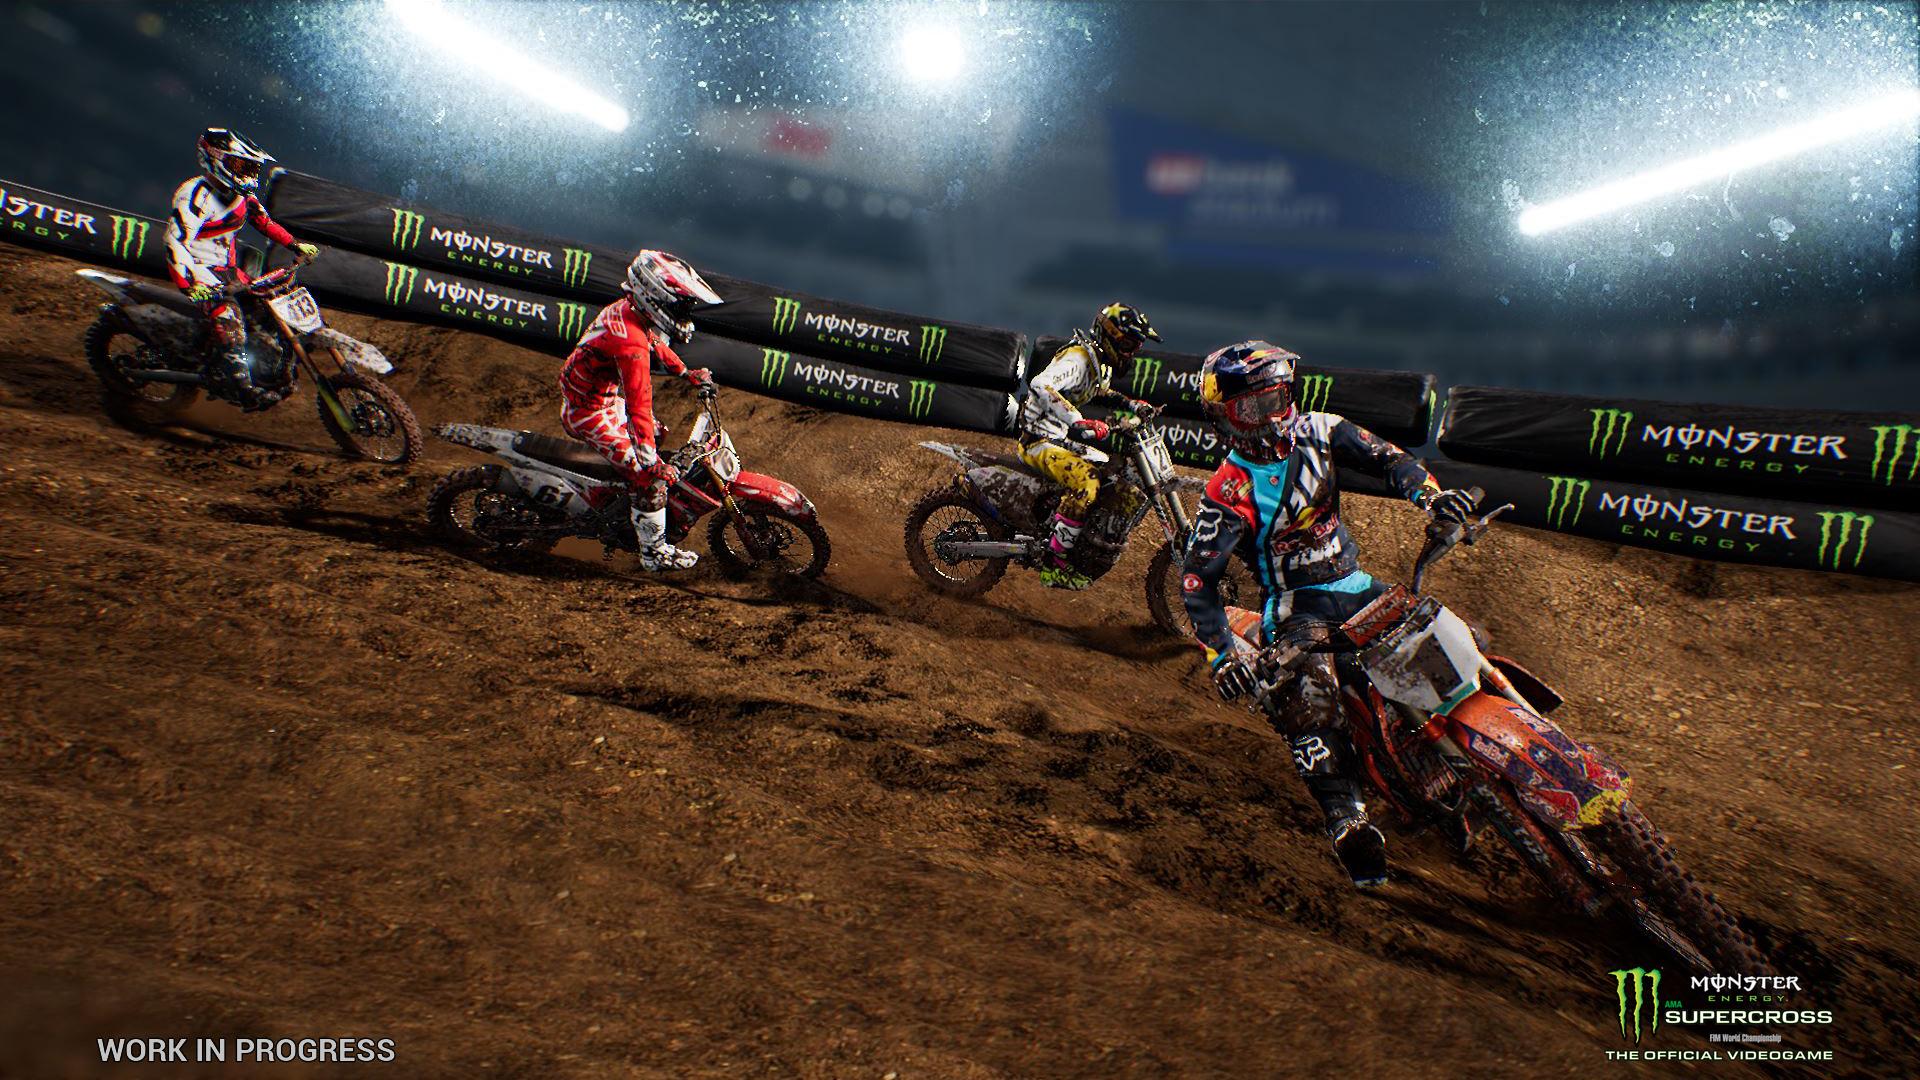 Milestone chystají motokrosové závody Monster Energy Supercross 151278